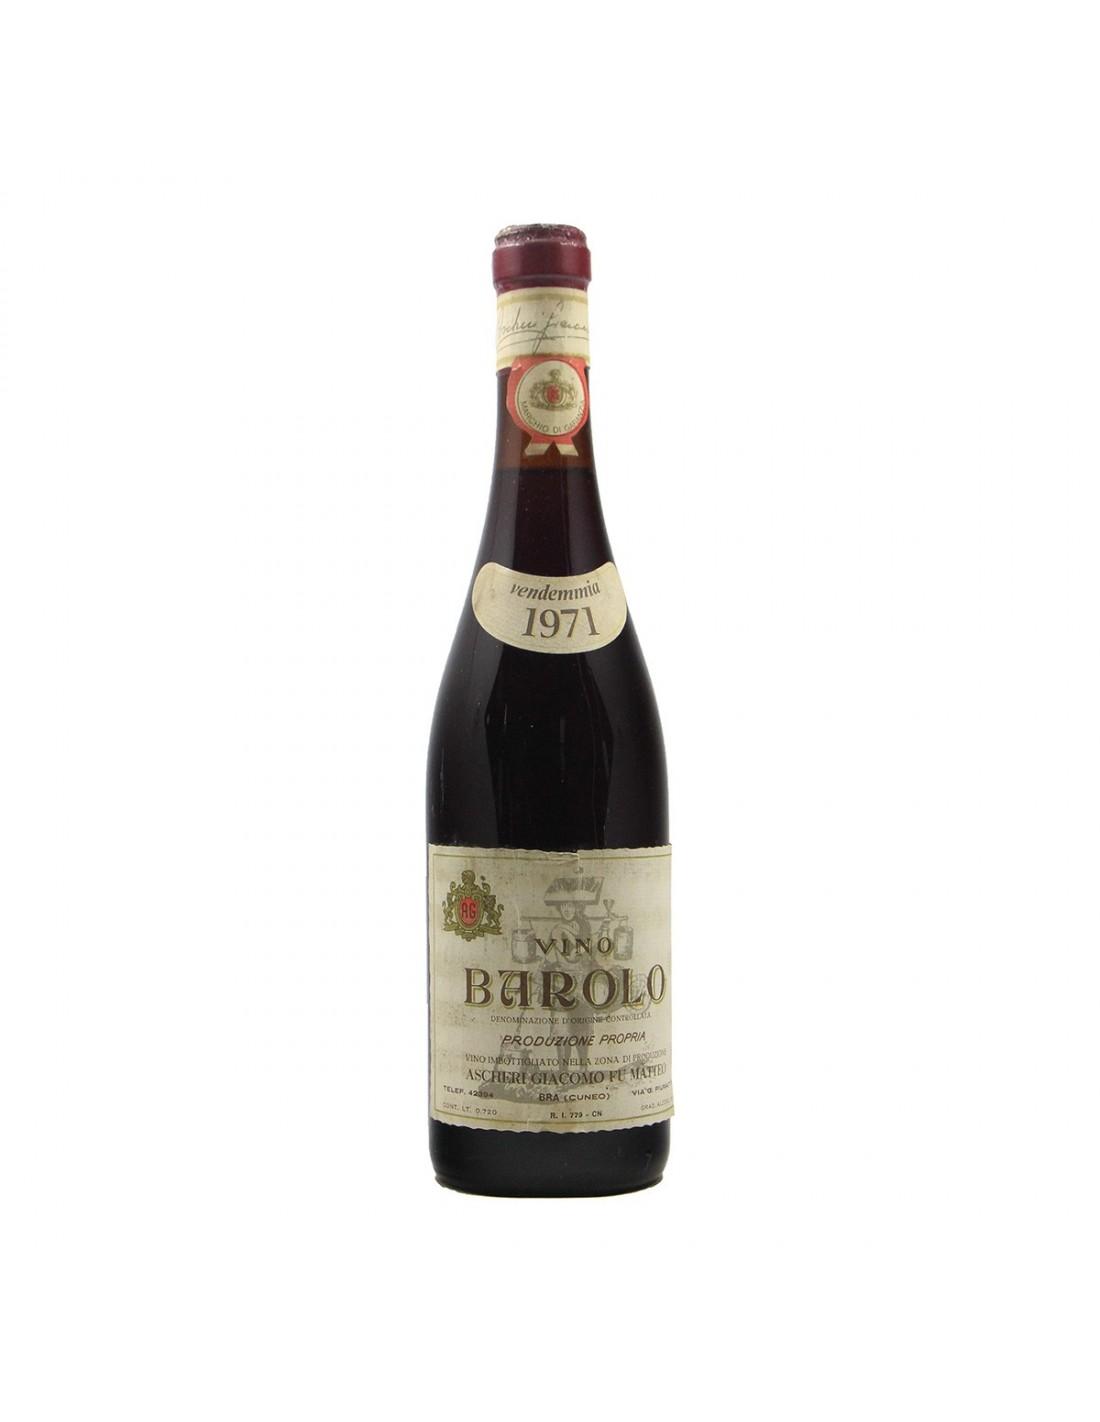 BAROLO 1971 ASCHERI GIACOMO Grandi Bottiglie